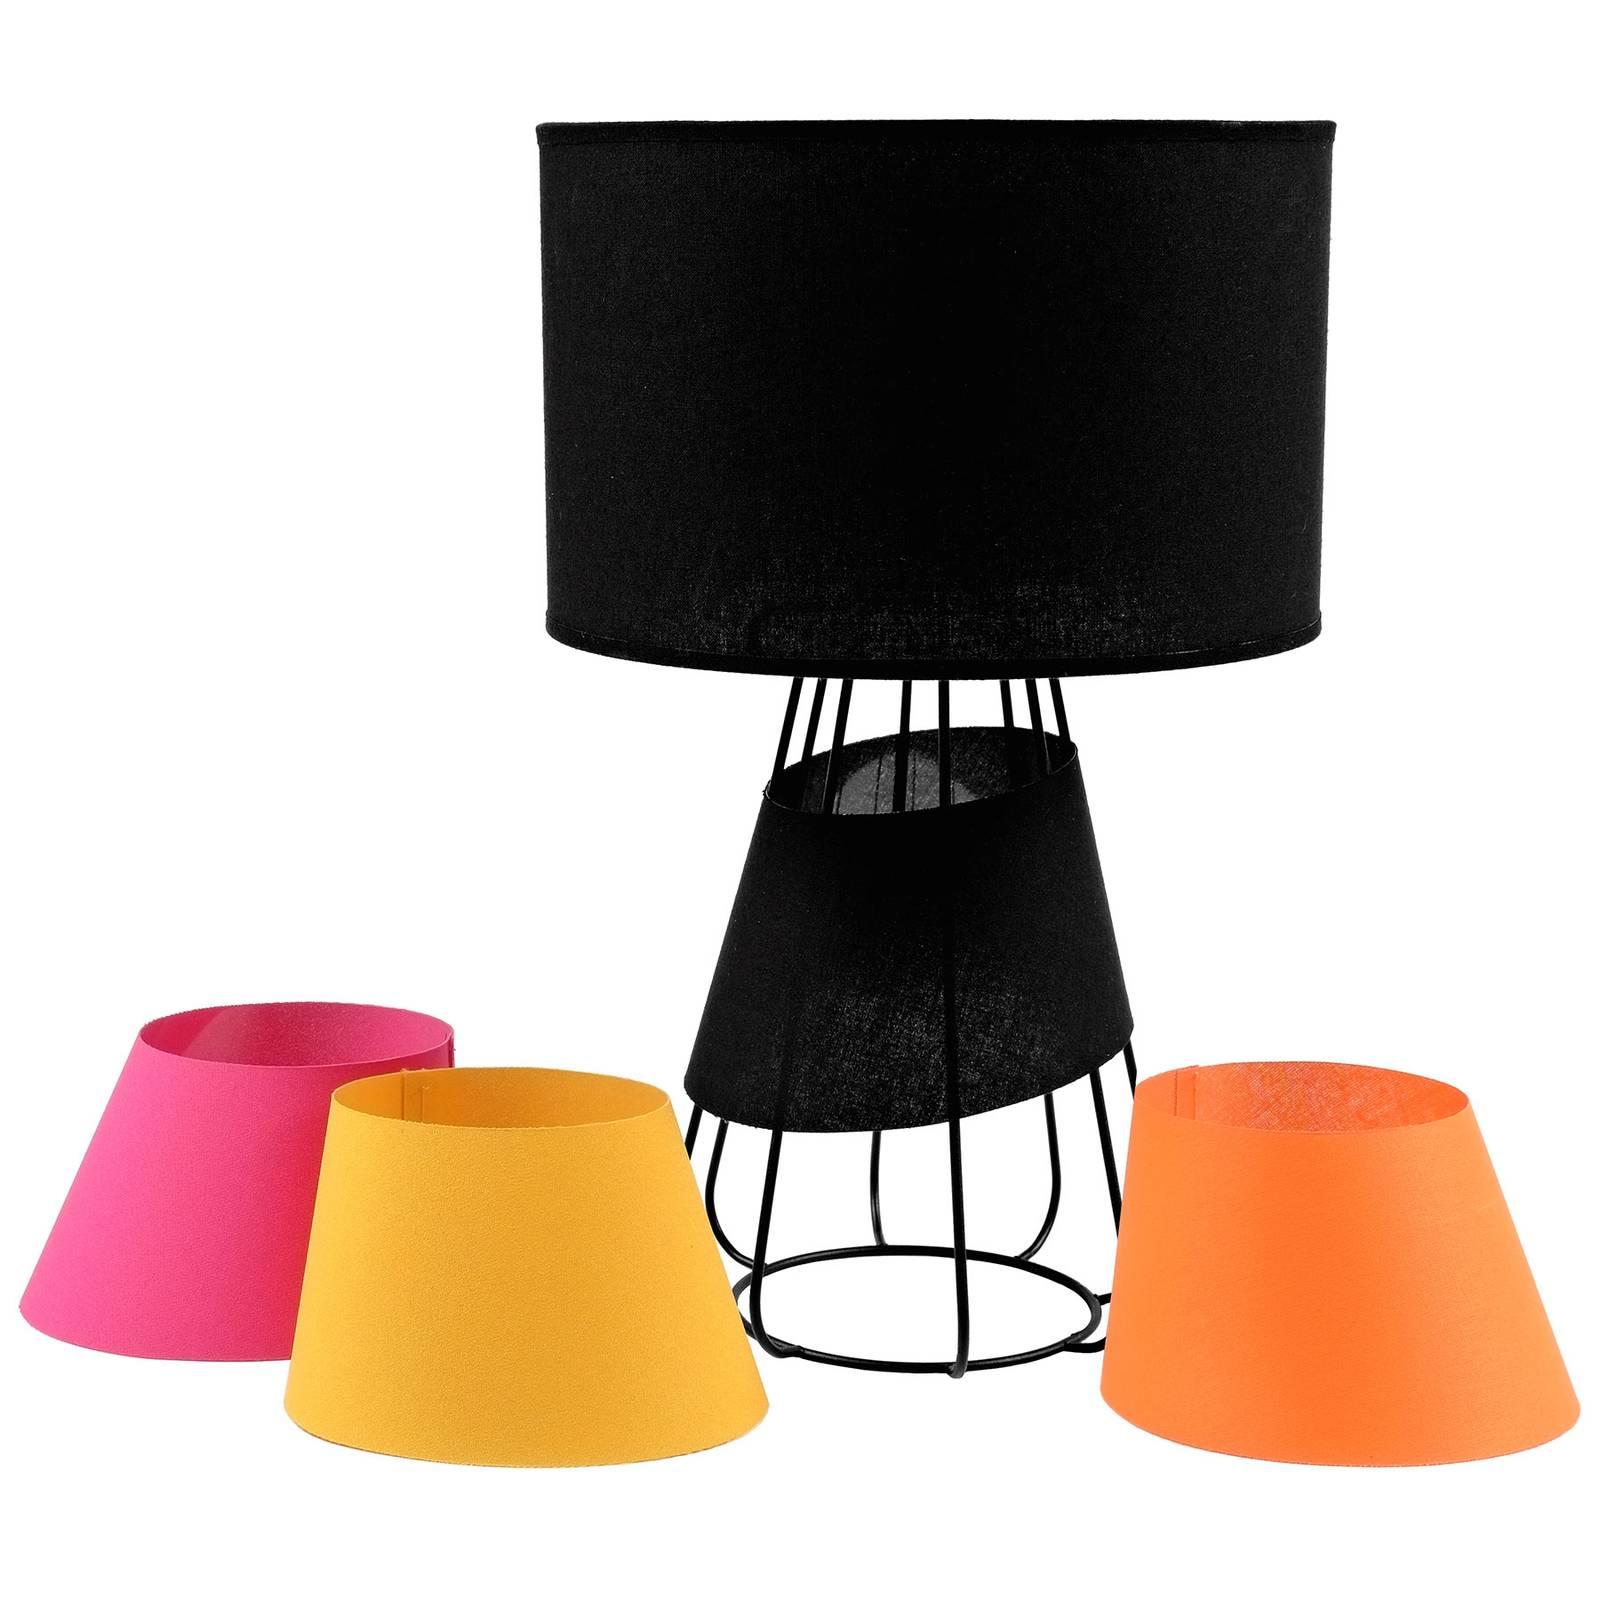 Pöytälamppu Patrizia, musta